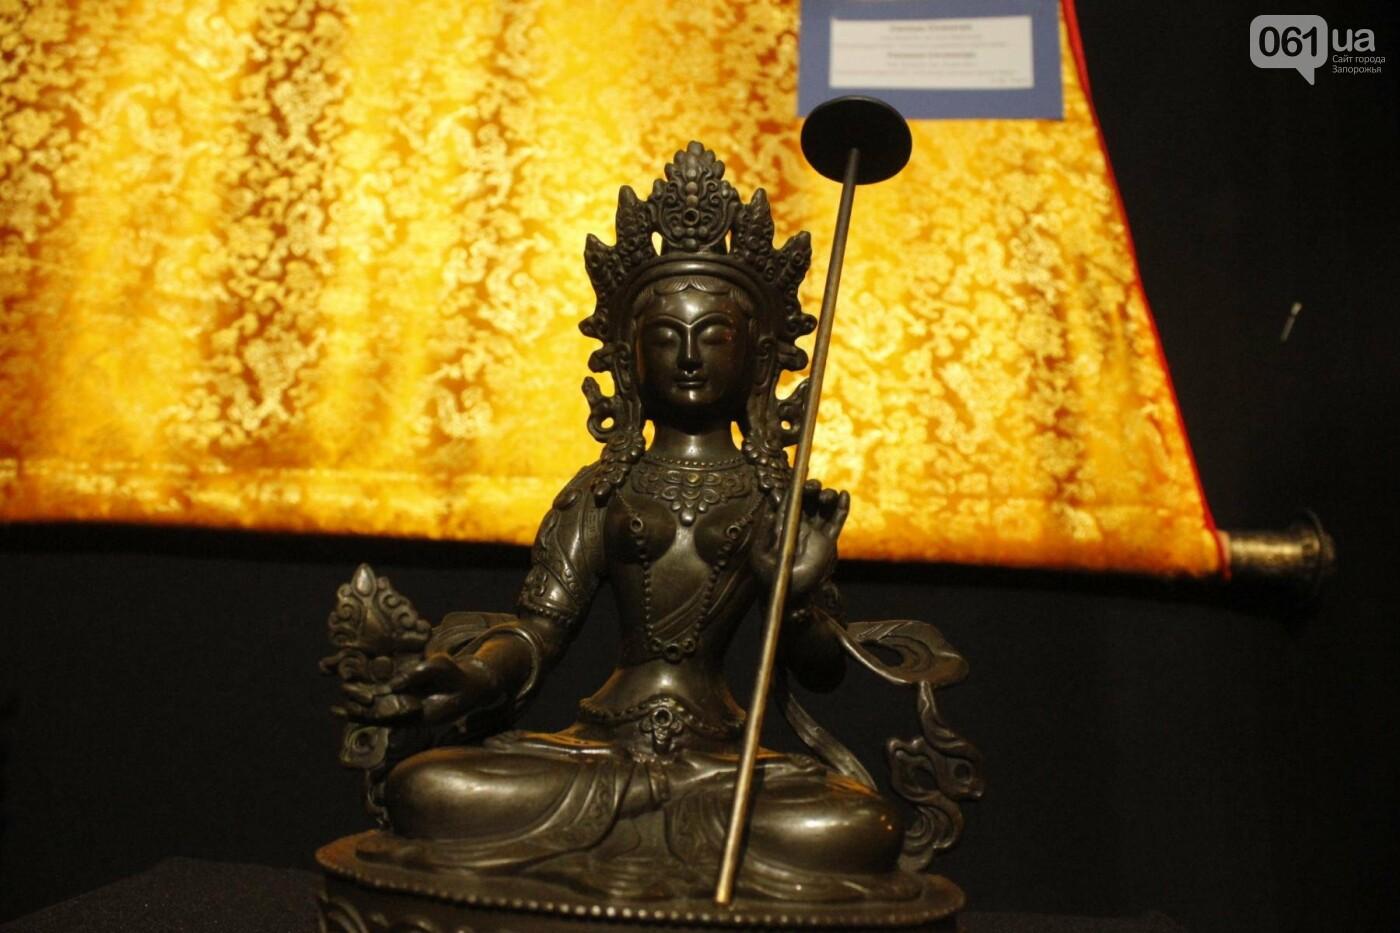 """В Запорожье выставка """"Сокровища Тибета"""" открыла Дни буддийской культуры, - ФОТОРЕПОРТАЖ, фото-33"""